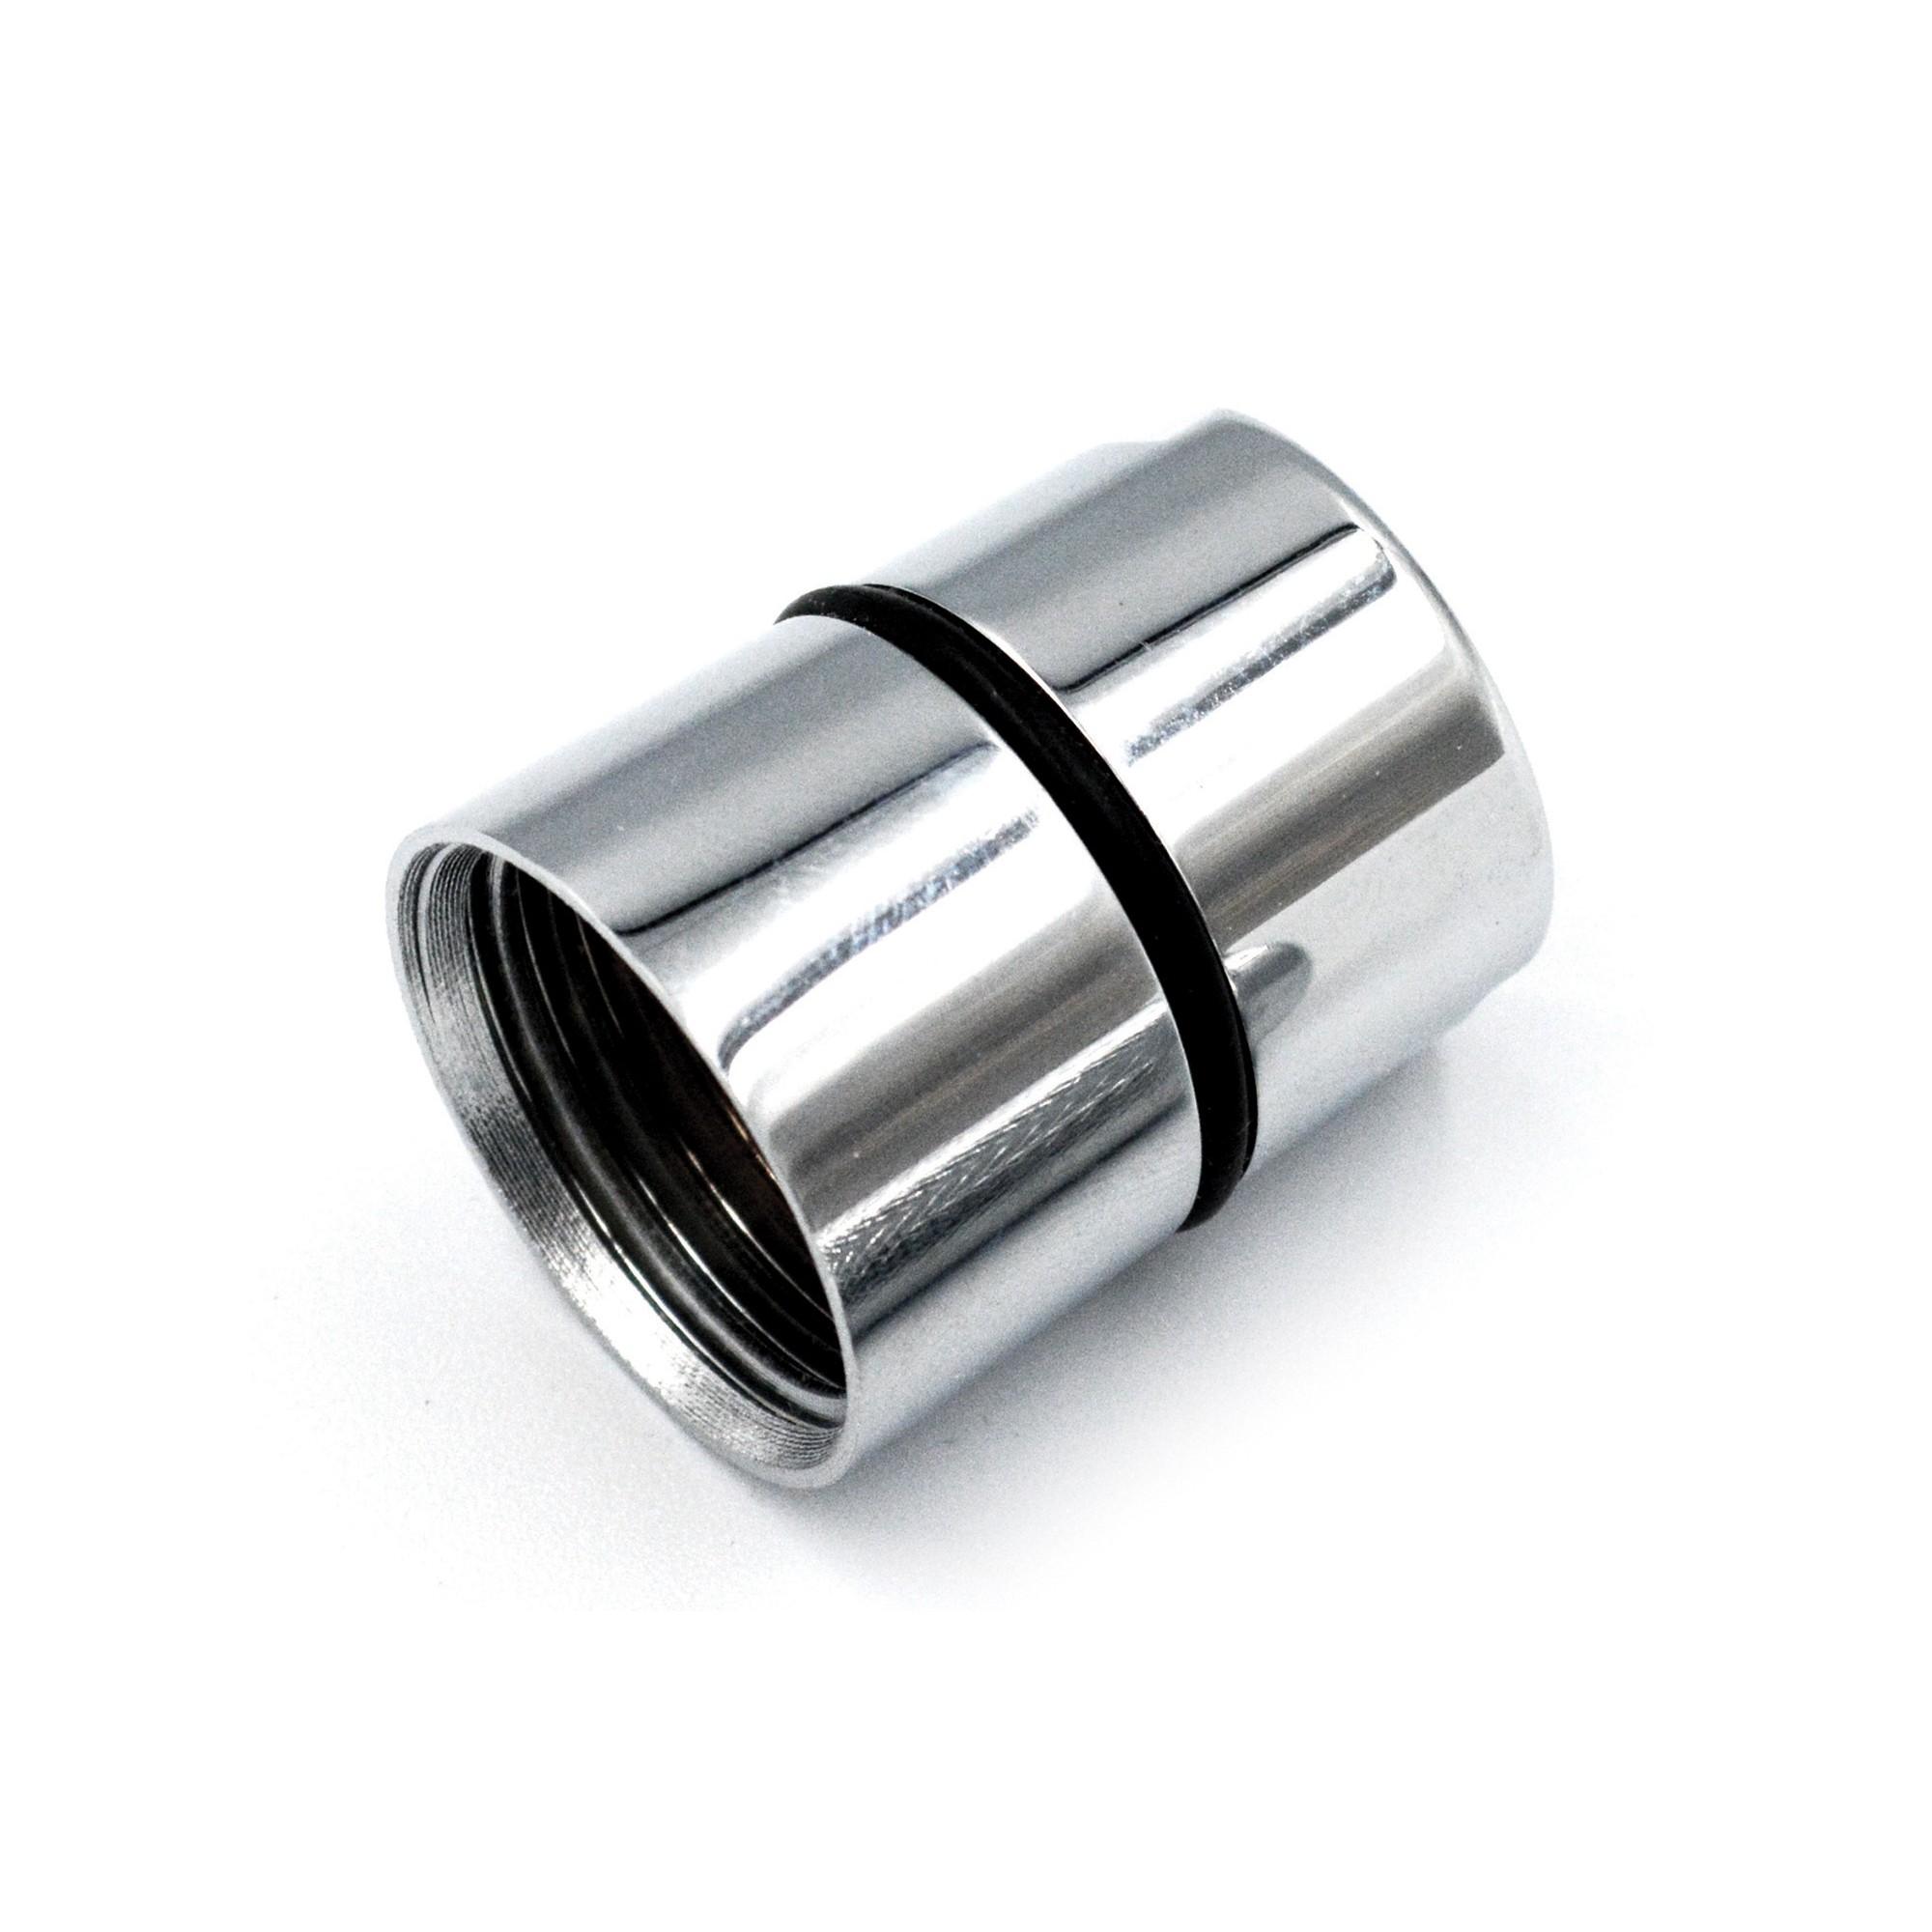 Гайка шланга душа-конусна 1/2 посилена з гумкою ANGO ANGO